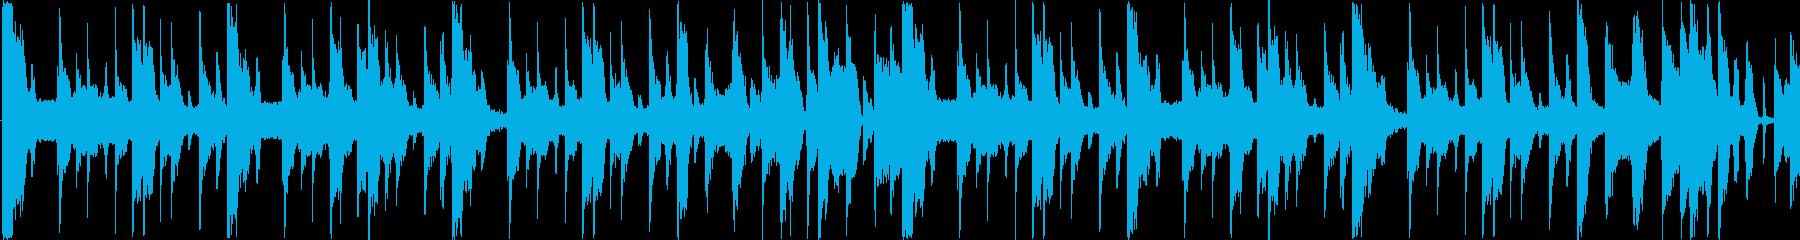 【ループ・Bメロ】和風ヒップホップBGMの再生済みの波形